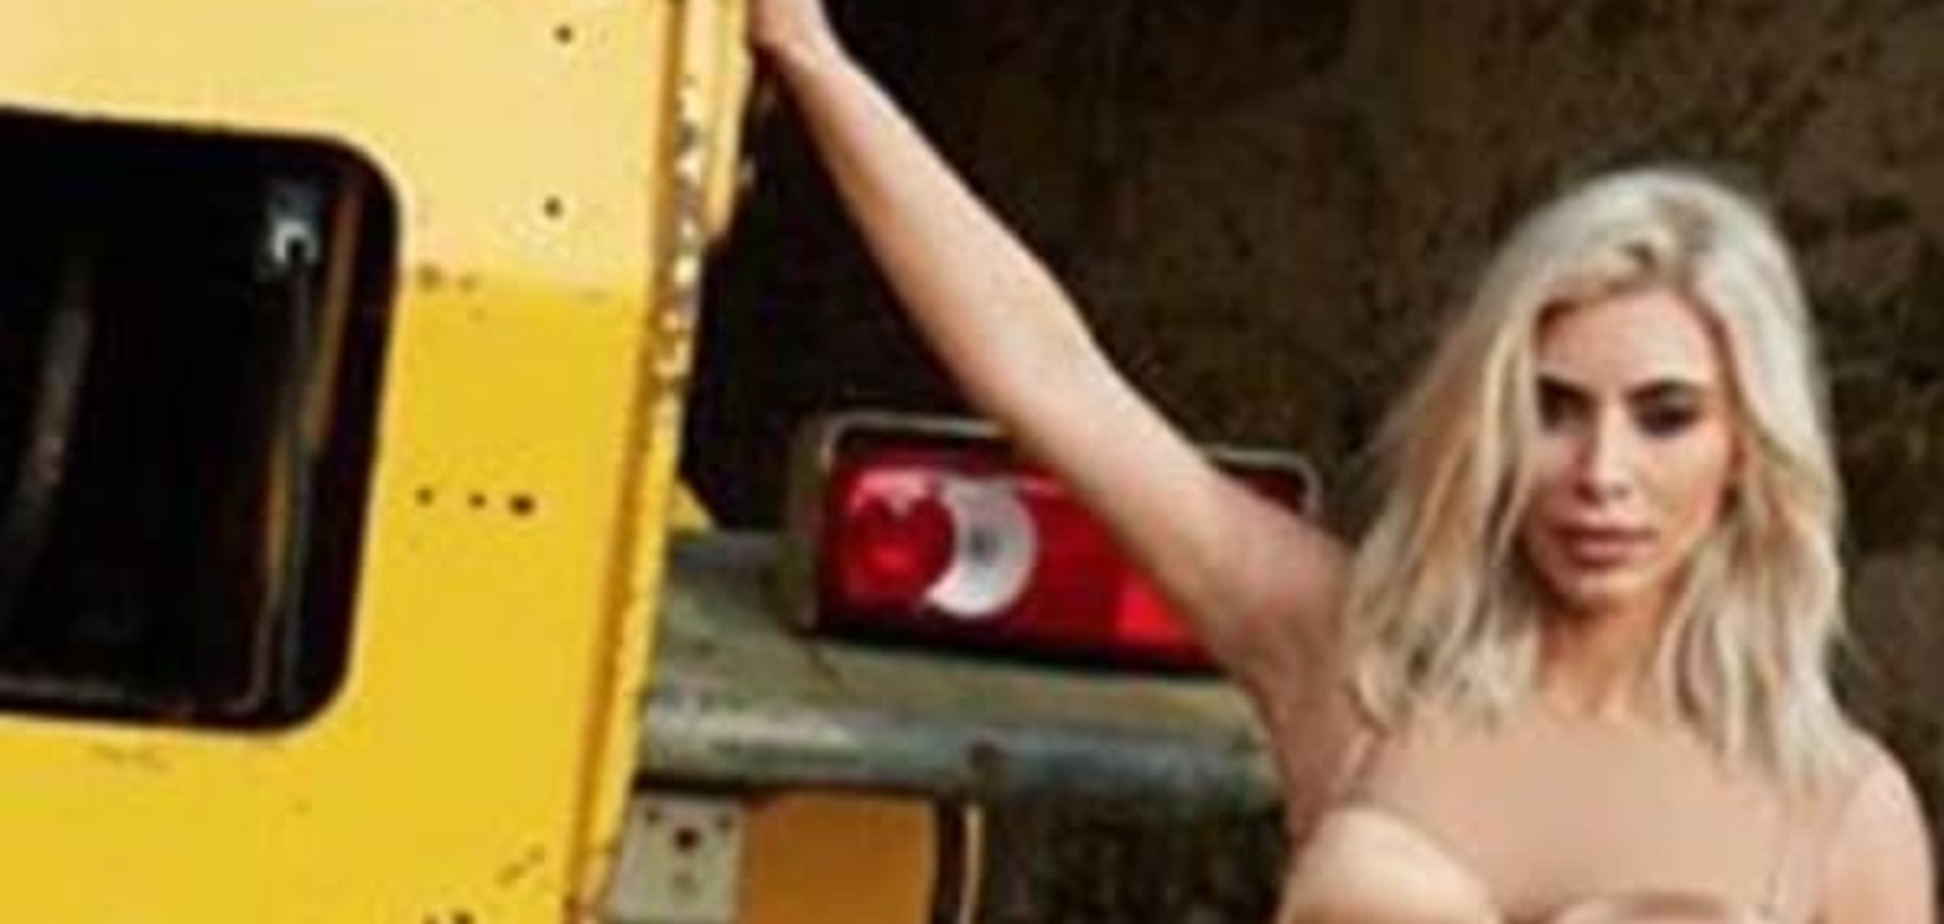 Кардашьян снялась в откровенной фотосессии в поле и надела прозрачный топ на голое тело